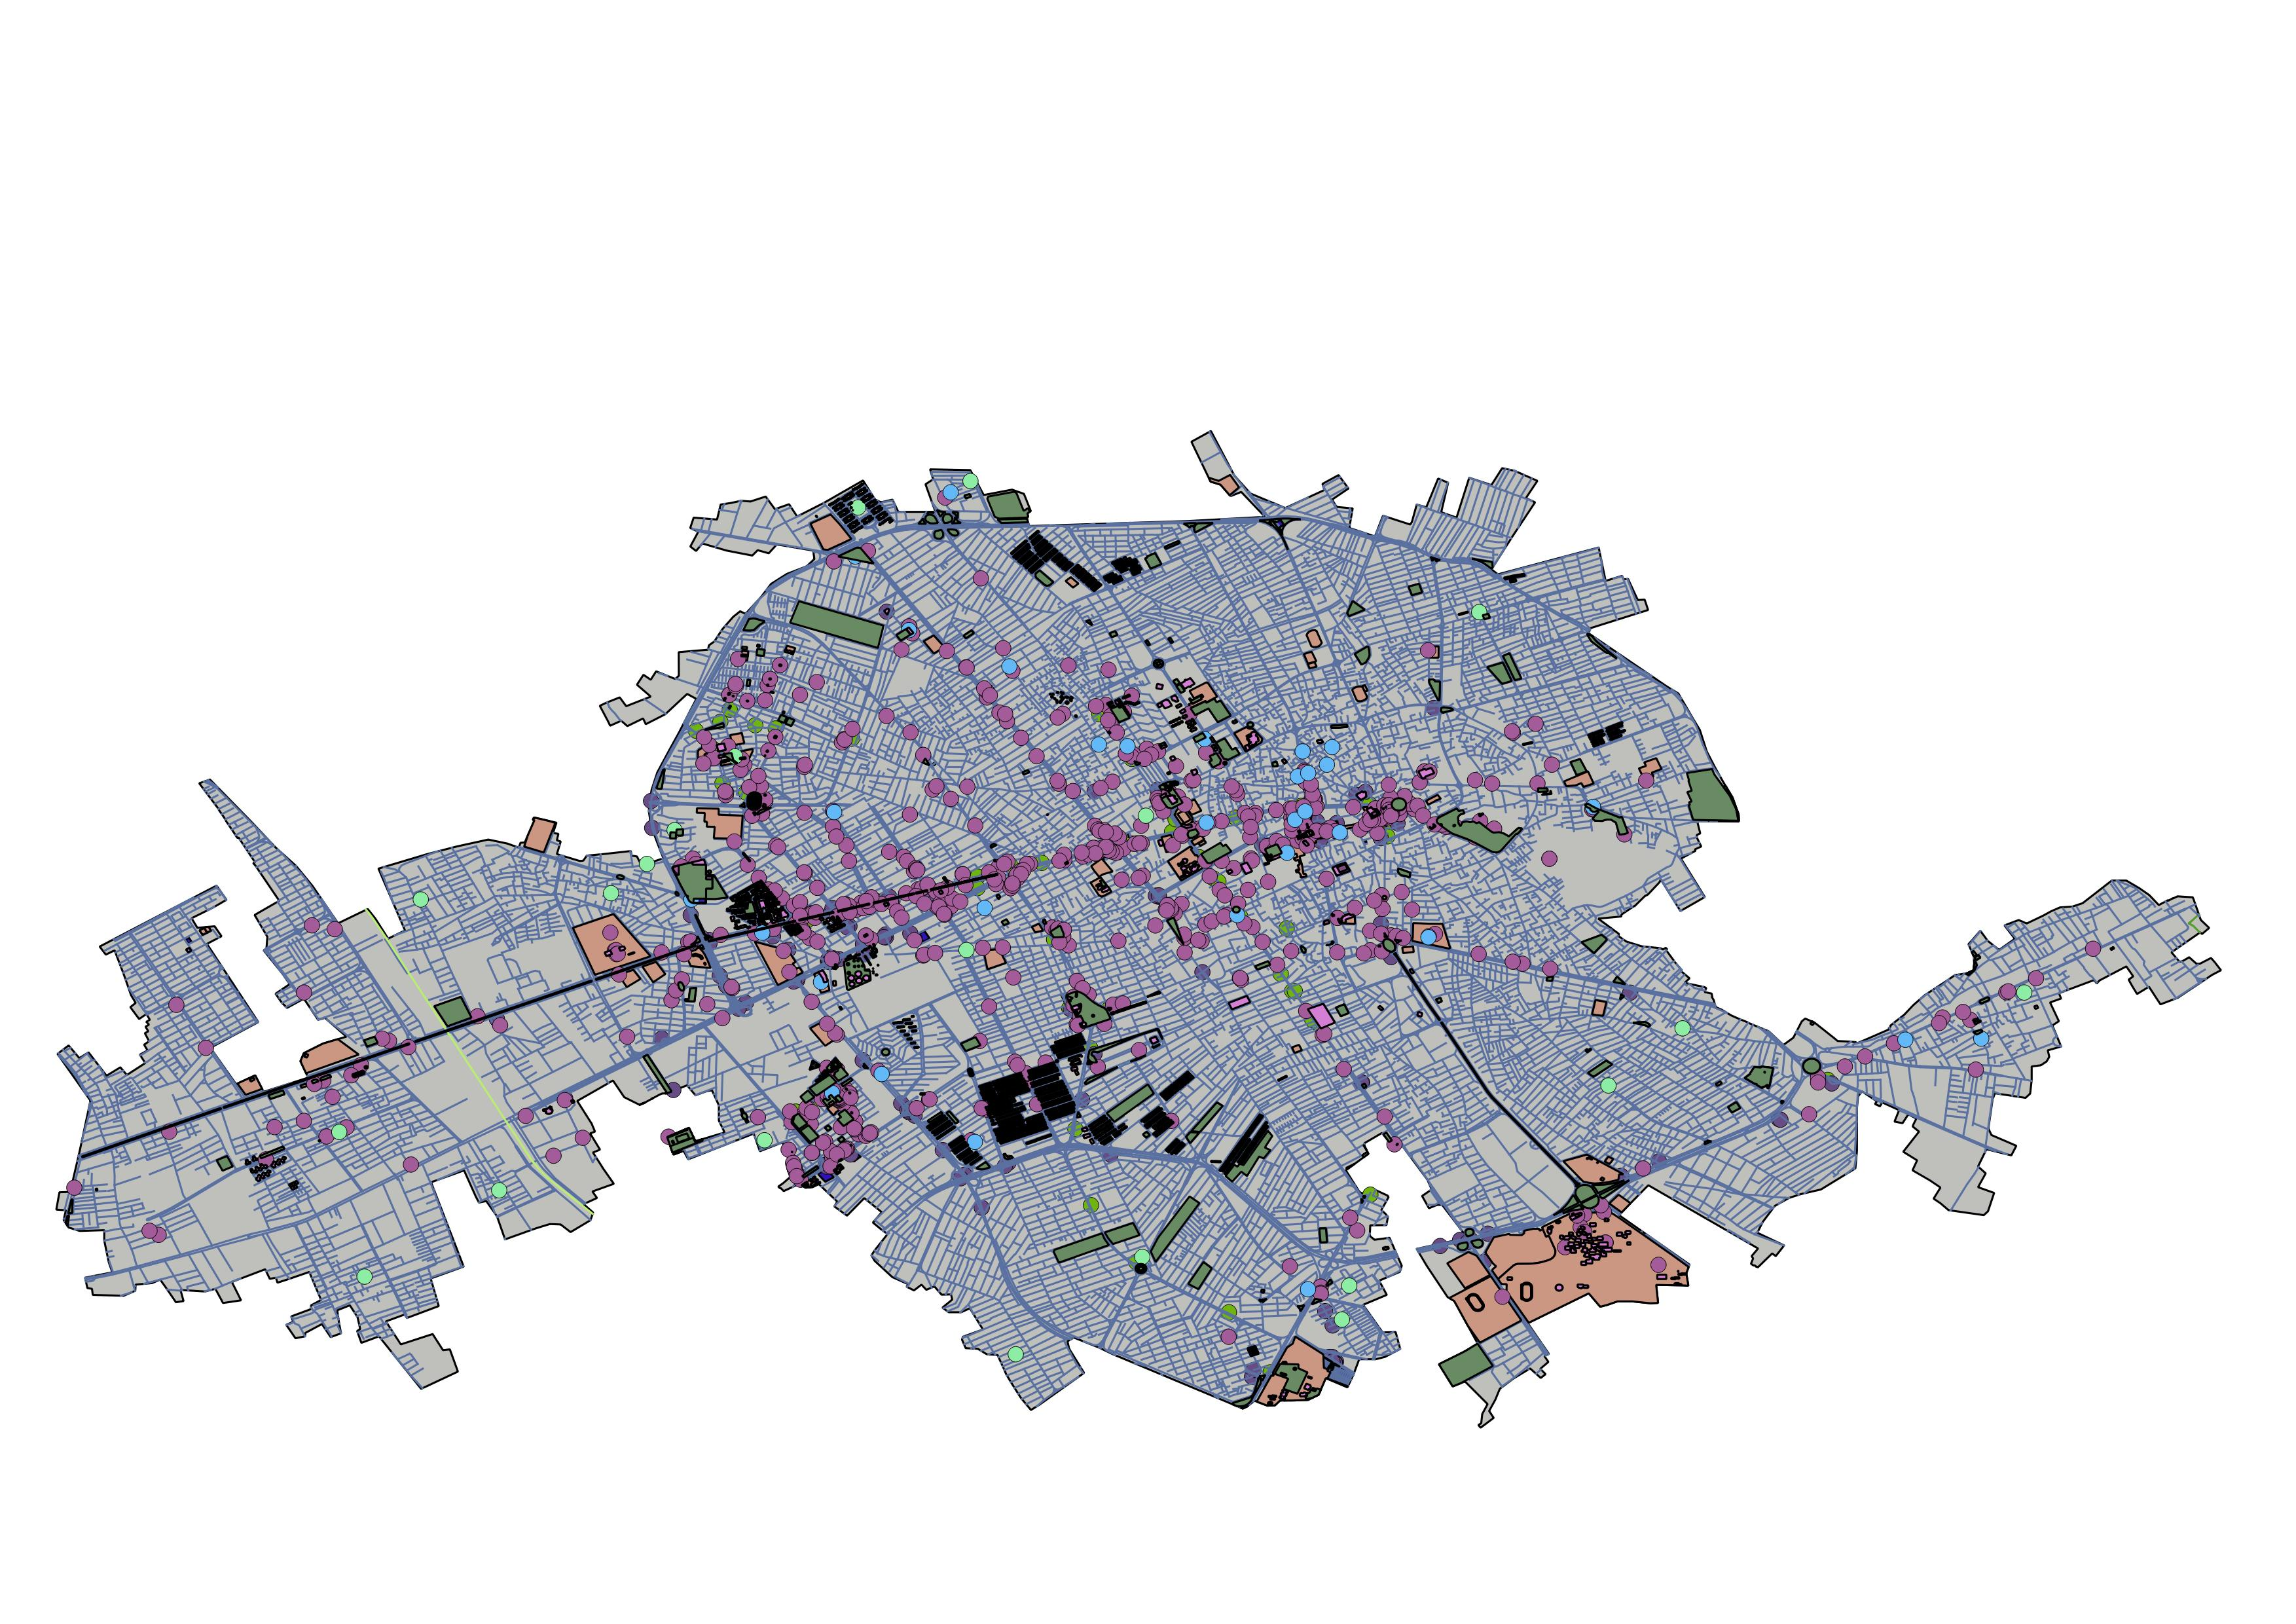 دانلود نقشه شهر کرمان